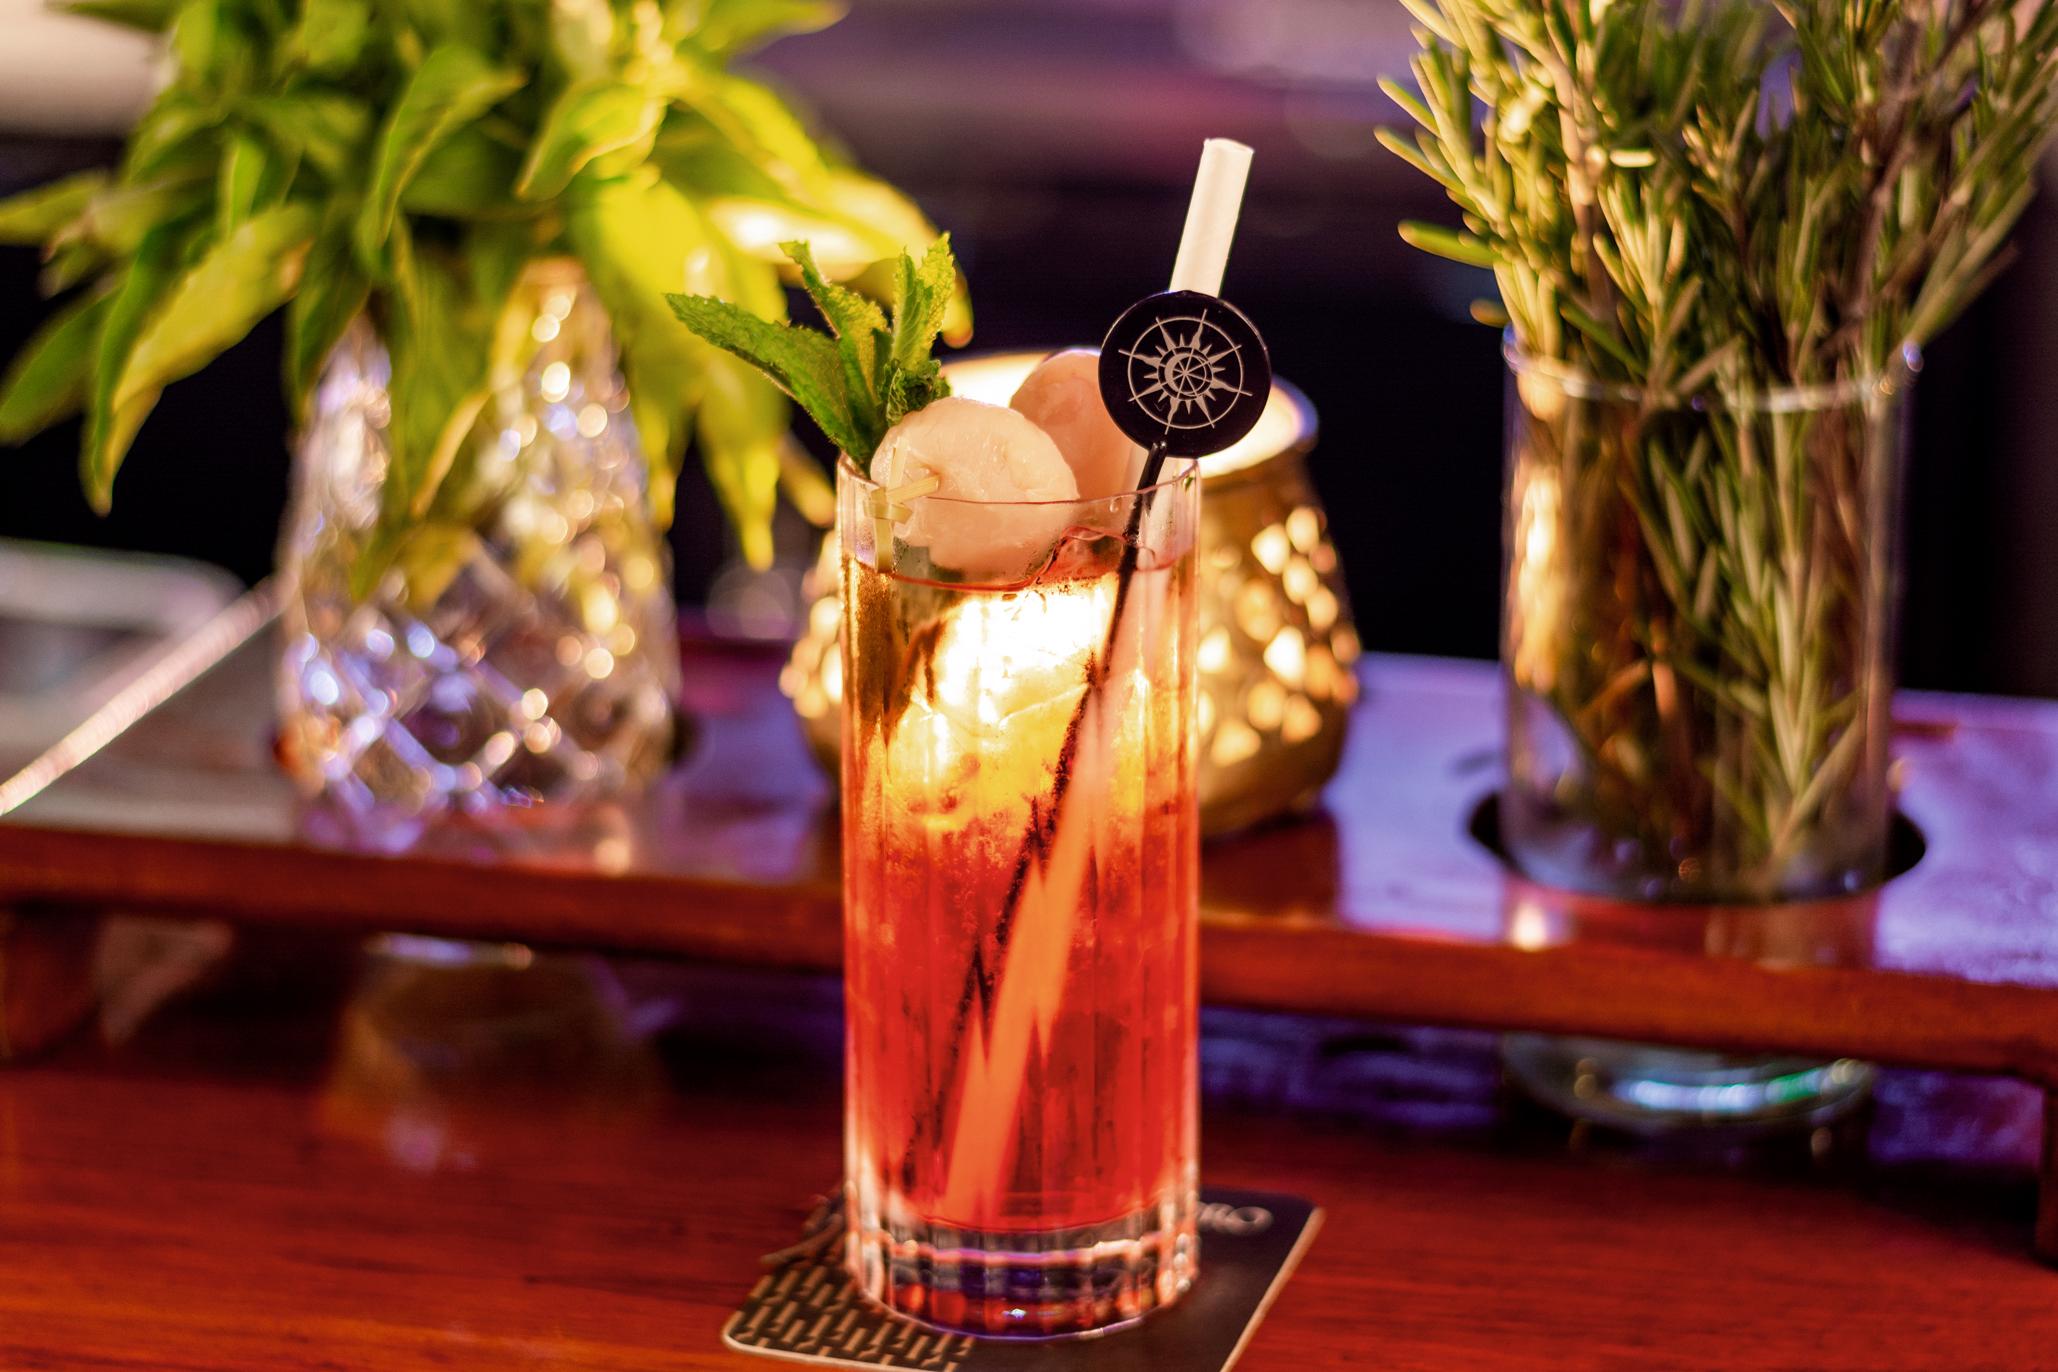 <CENTER>El Coro Lounge Bar</CENTER>